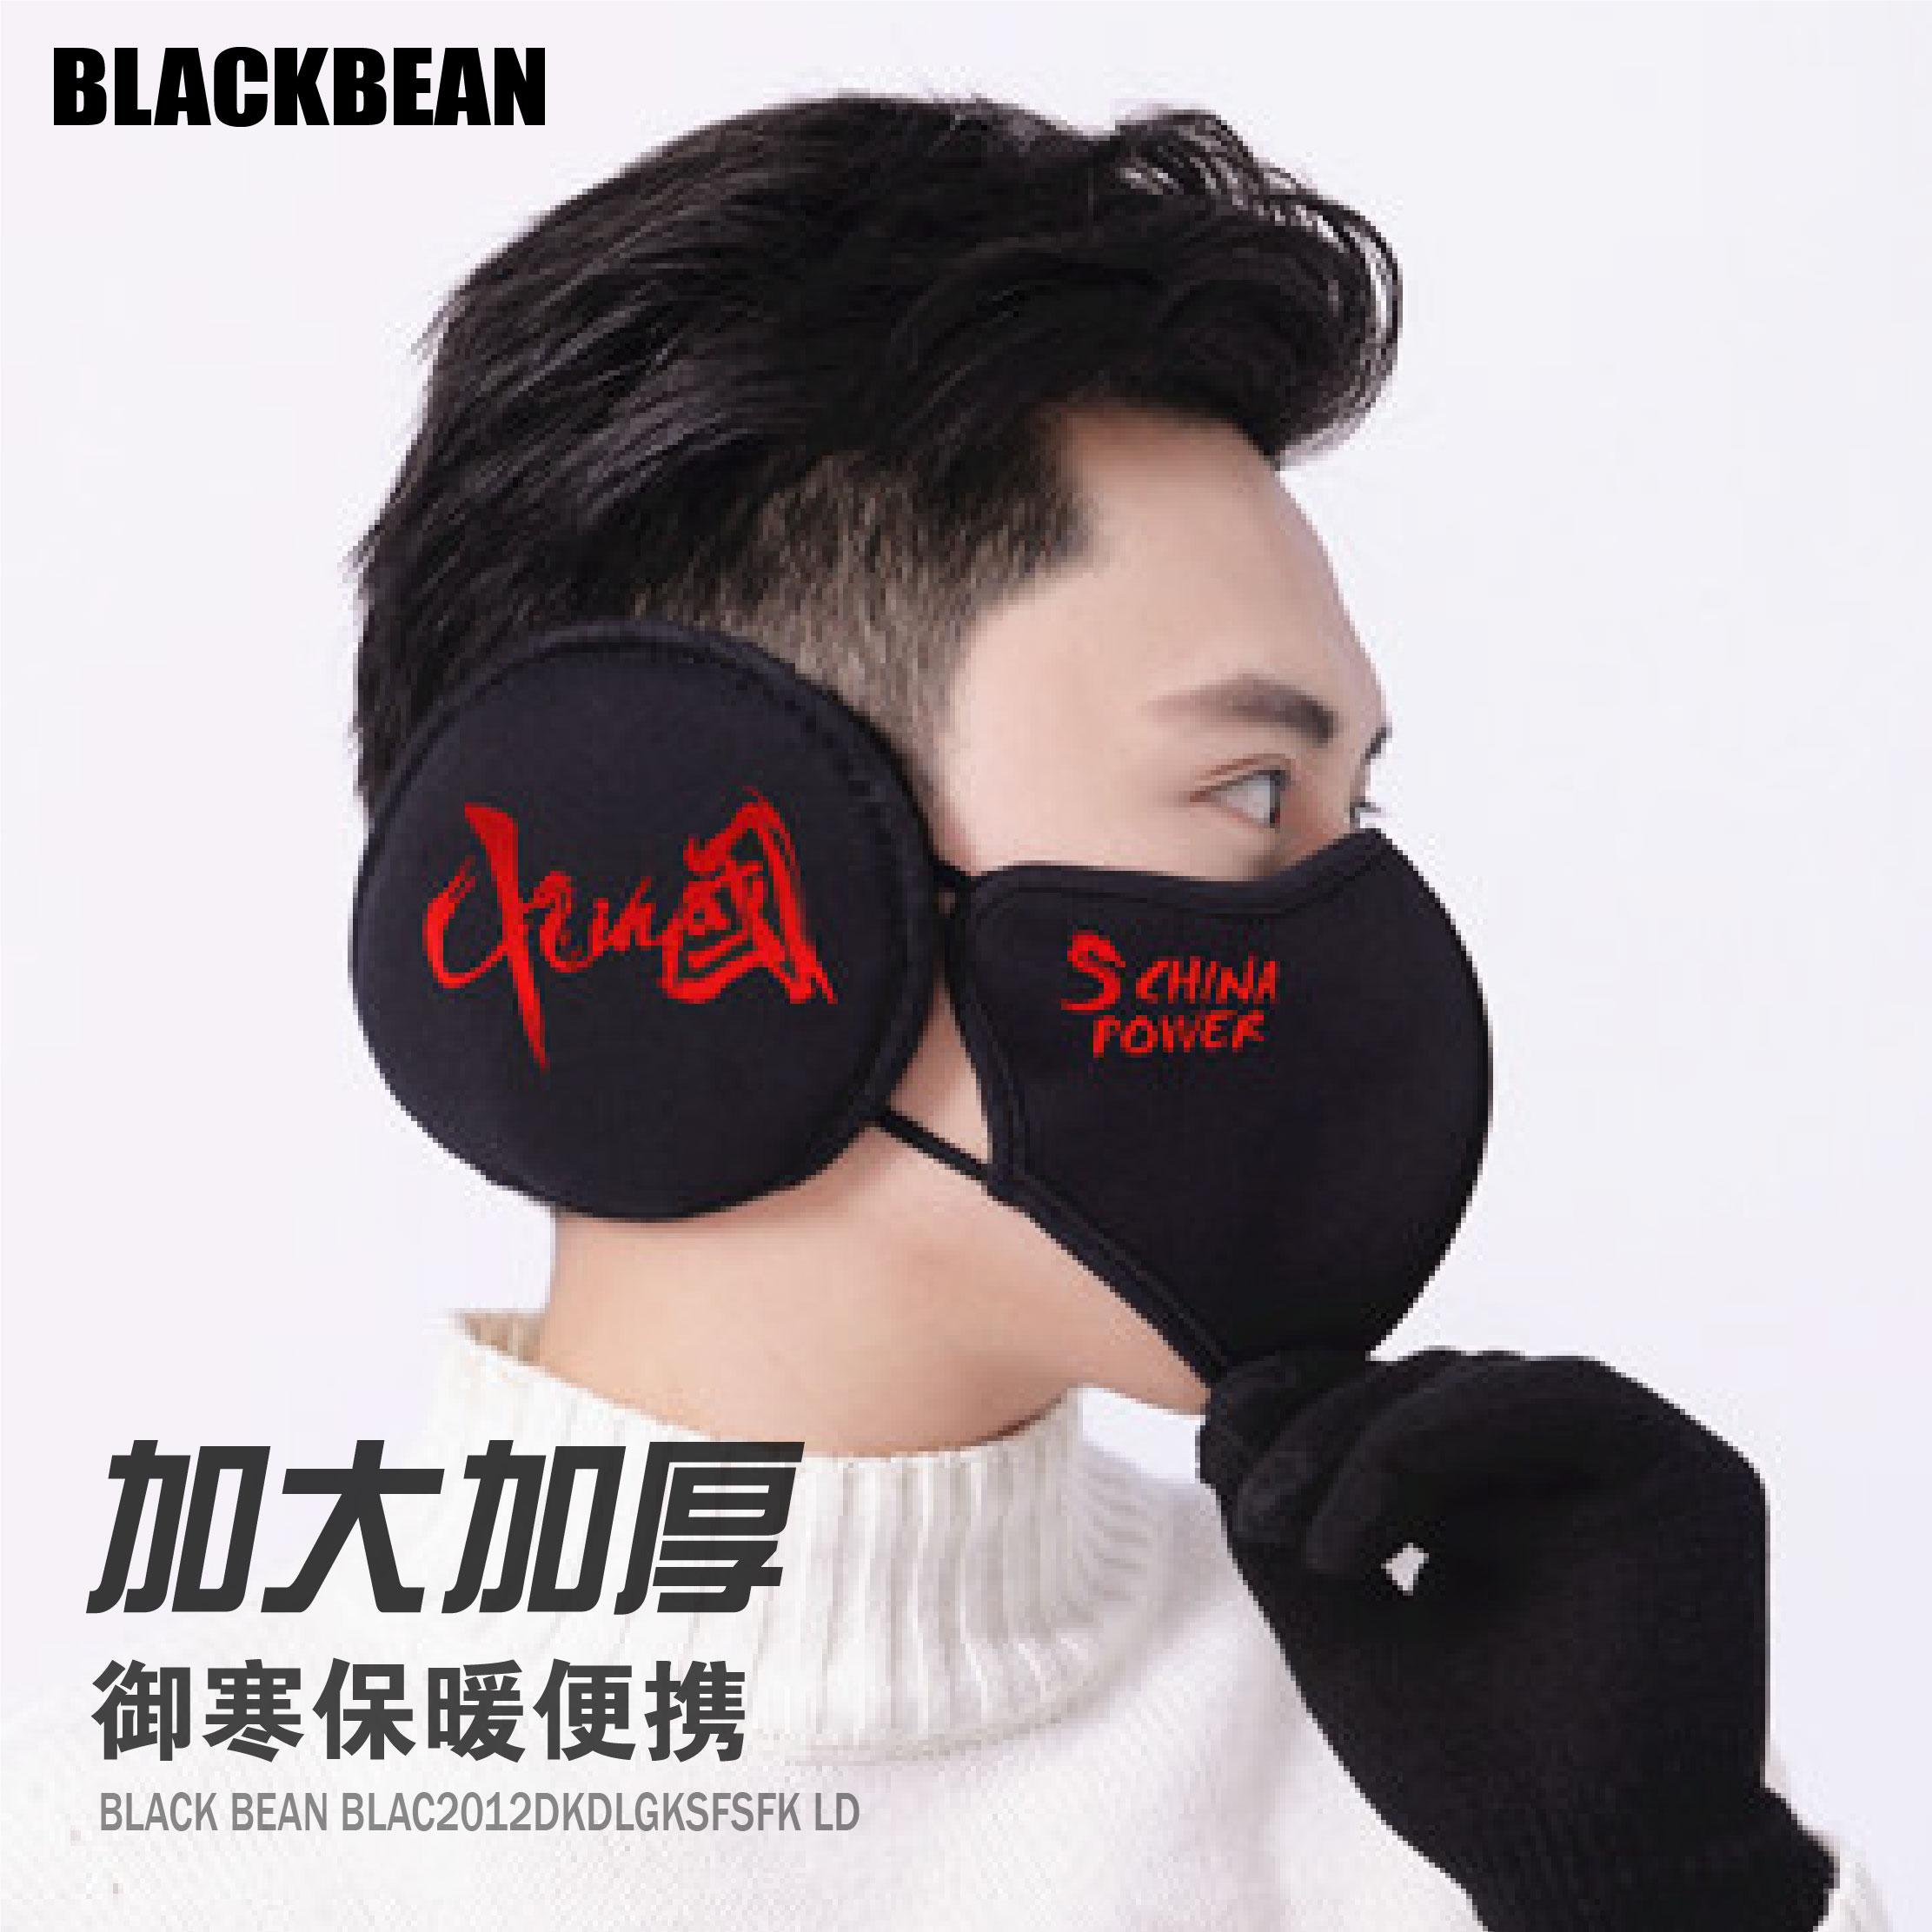 耳罩冬季保暖耳套耳包冬天男女护耳朵耳捂防冻加大加厚款韩版学生